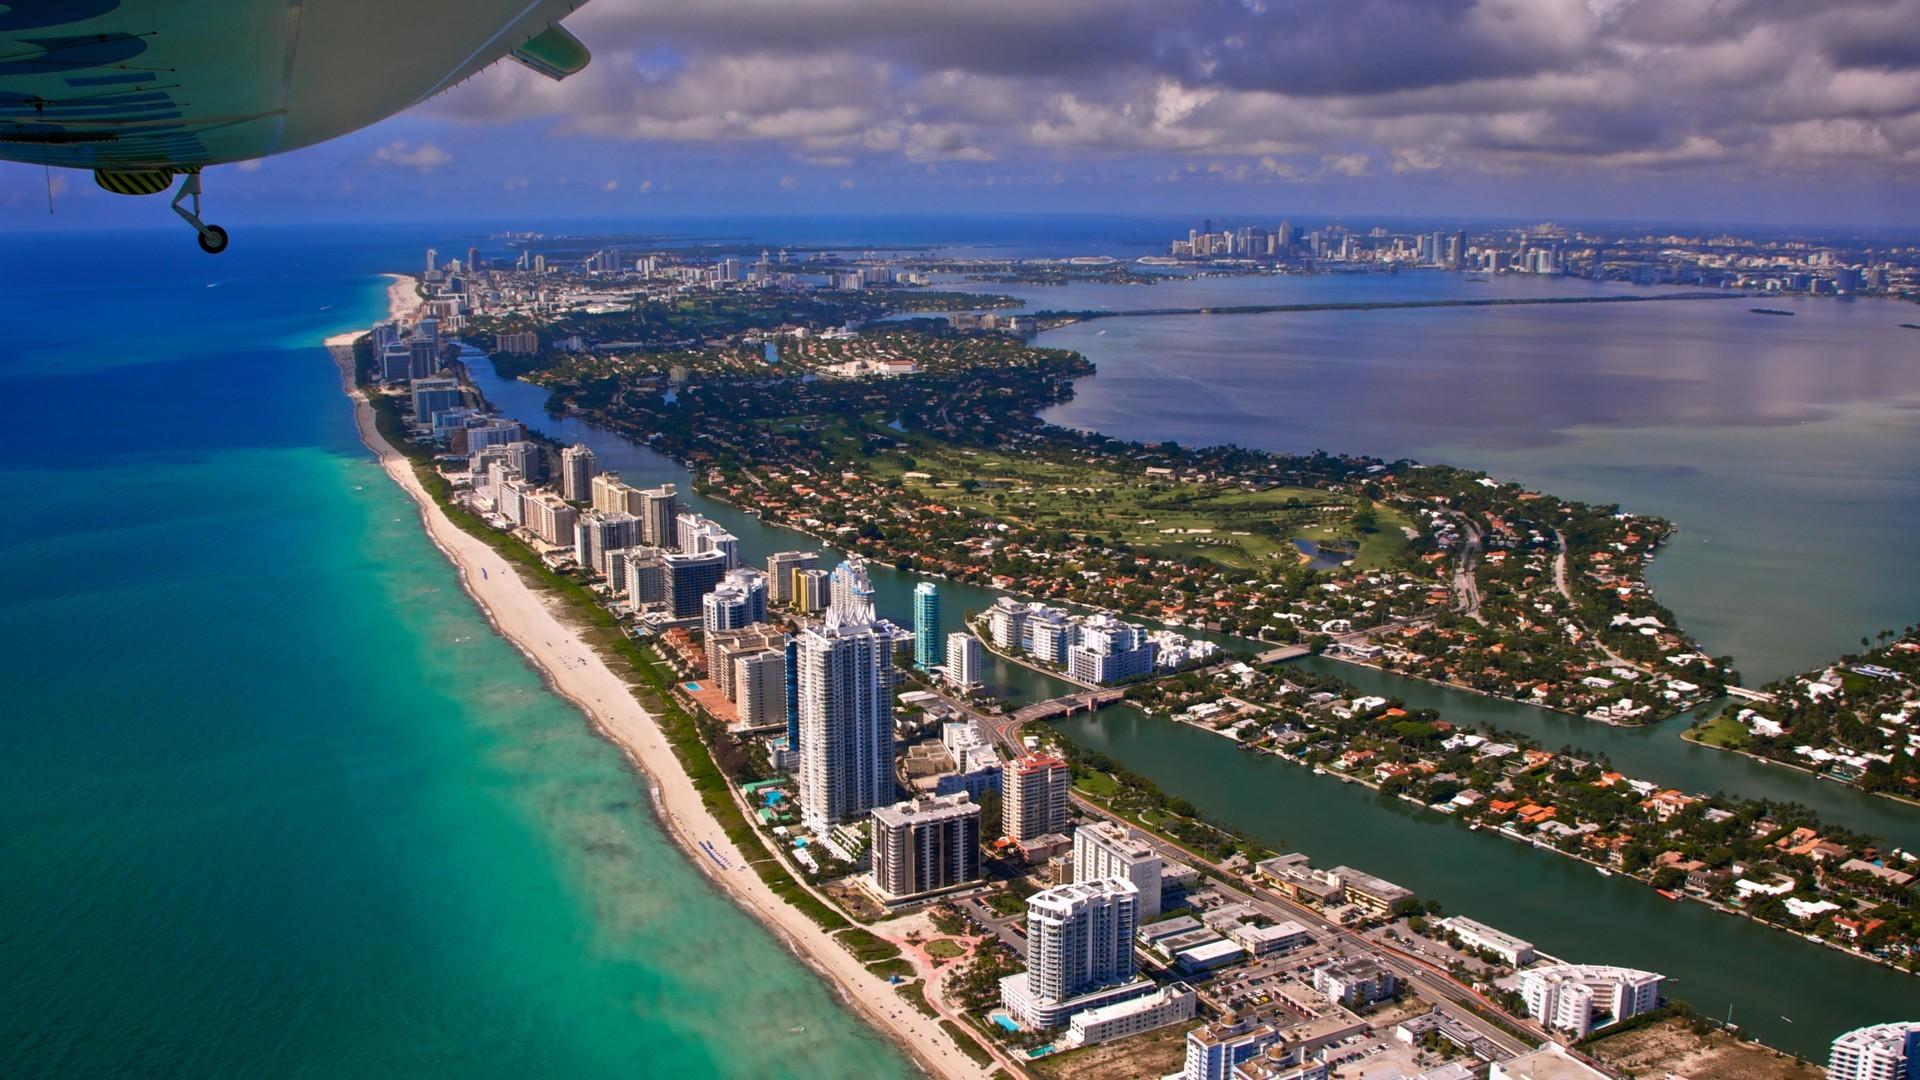 Miami Florida   1920x1080   Full HD Wallpaper 1920x1080